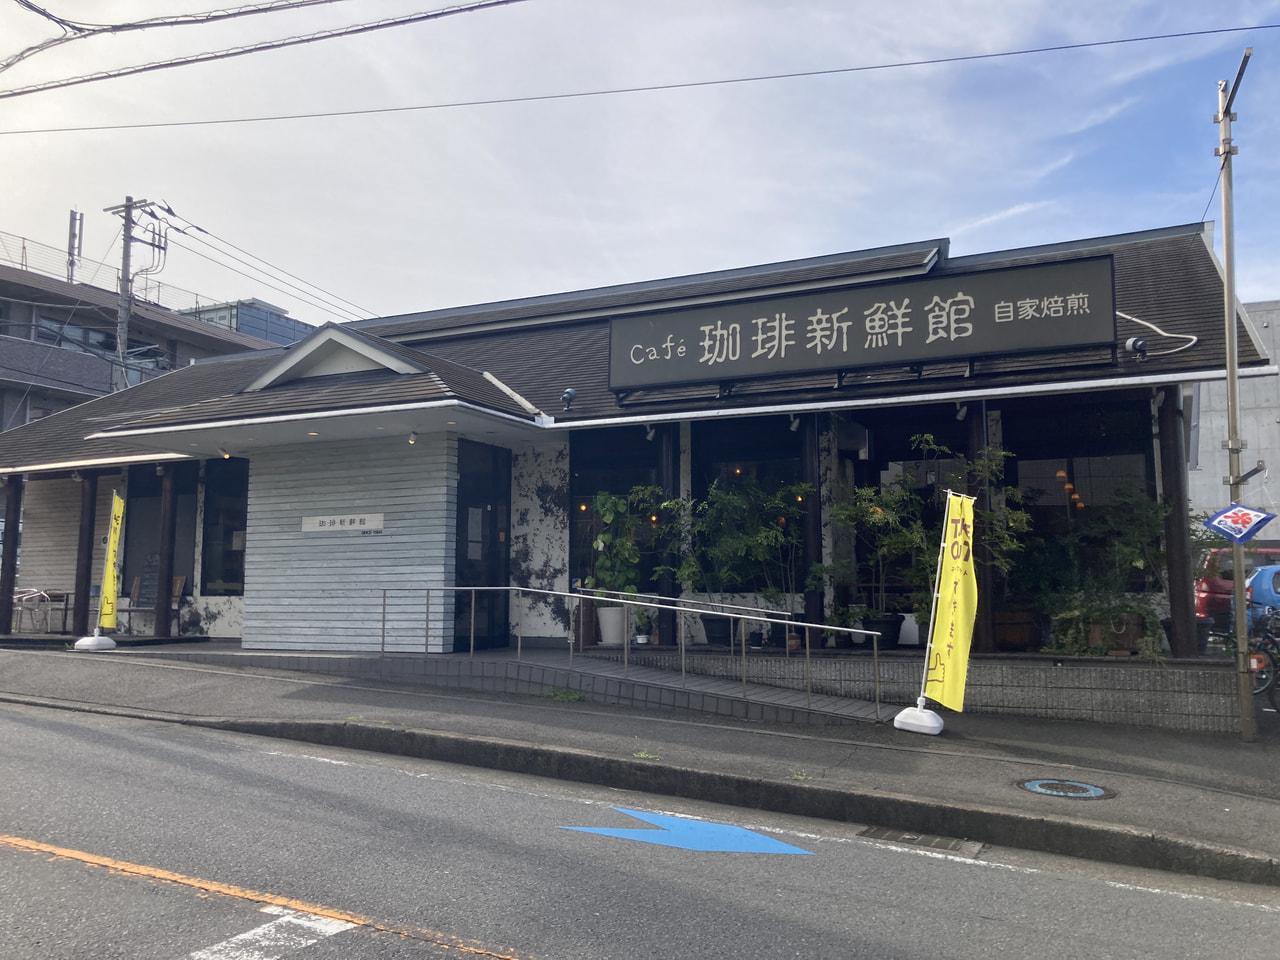 【珈琲の出がらしを活用】〈珈琲新鮮館〉は美味しいコーヒーを飲んだら終わりにしないお店です!